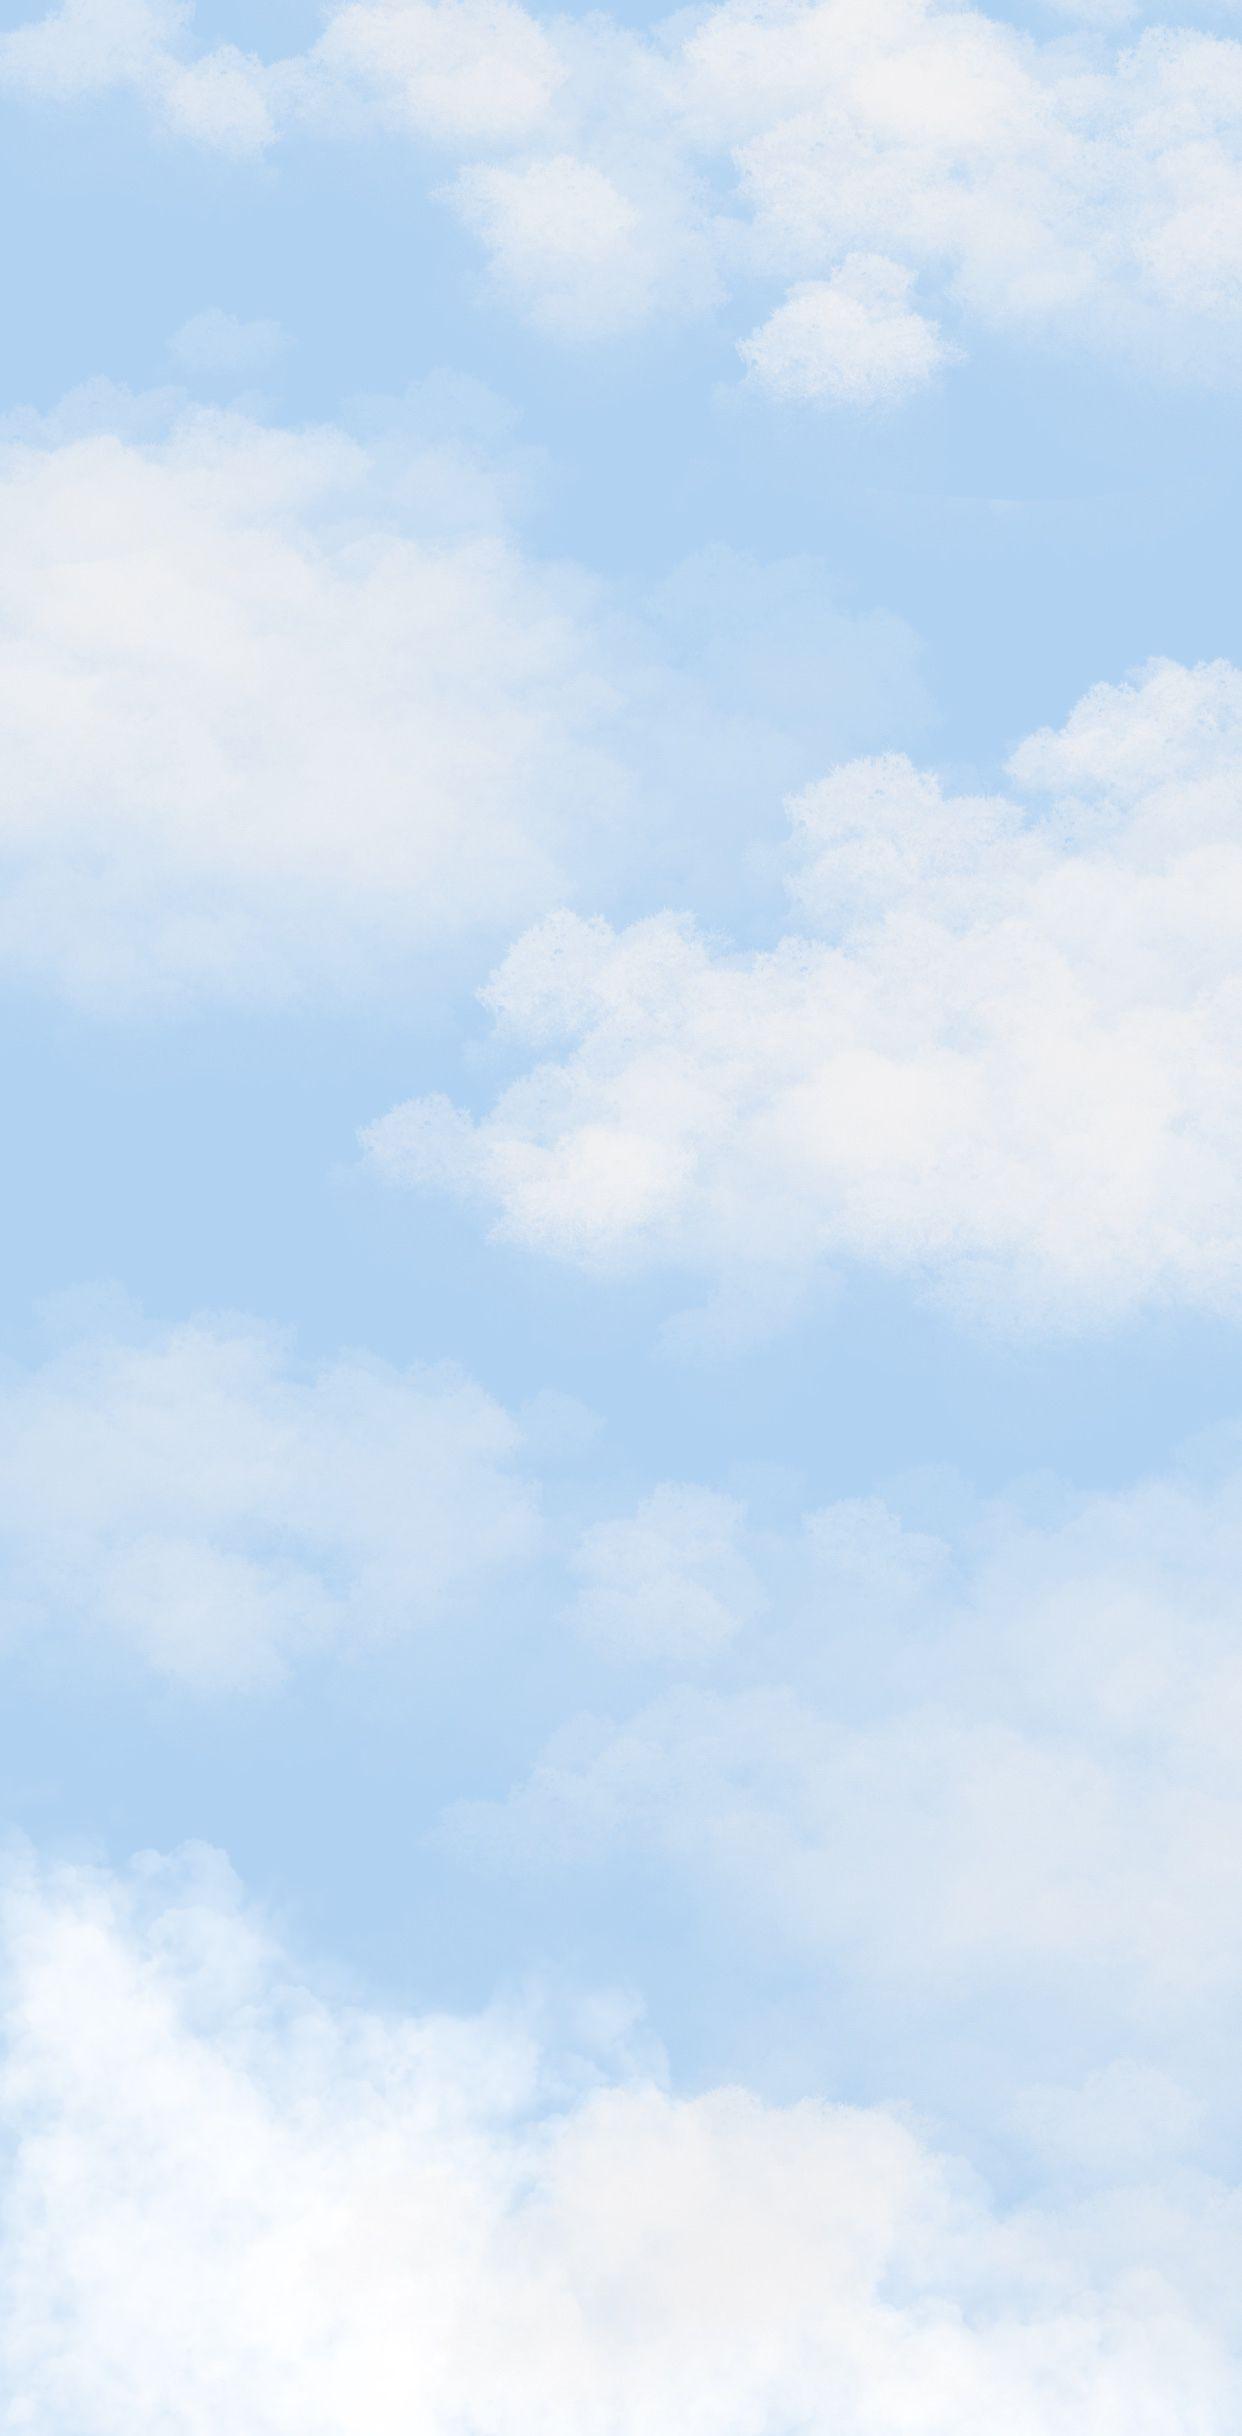 Cloud Iphone Wallpaper Blue Wallpaper Iphone Light Blue Aesthetic Cute Blue Wallpaper